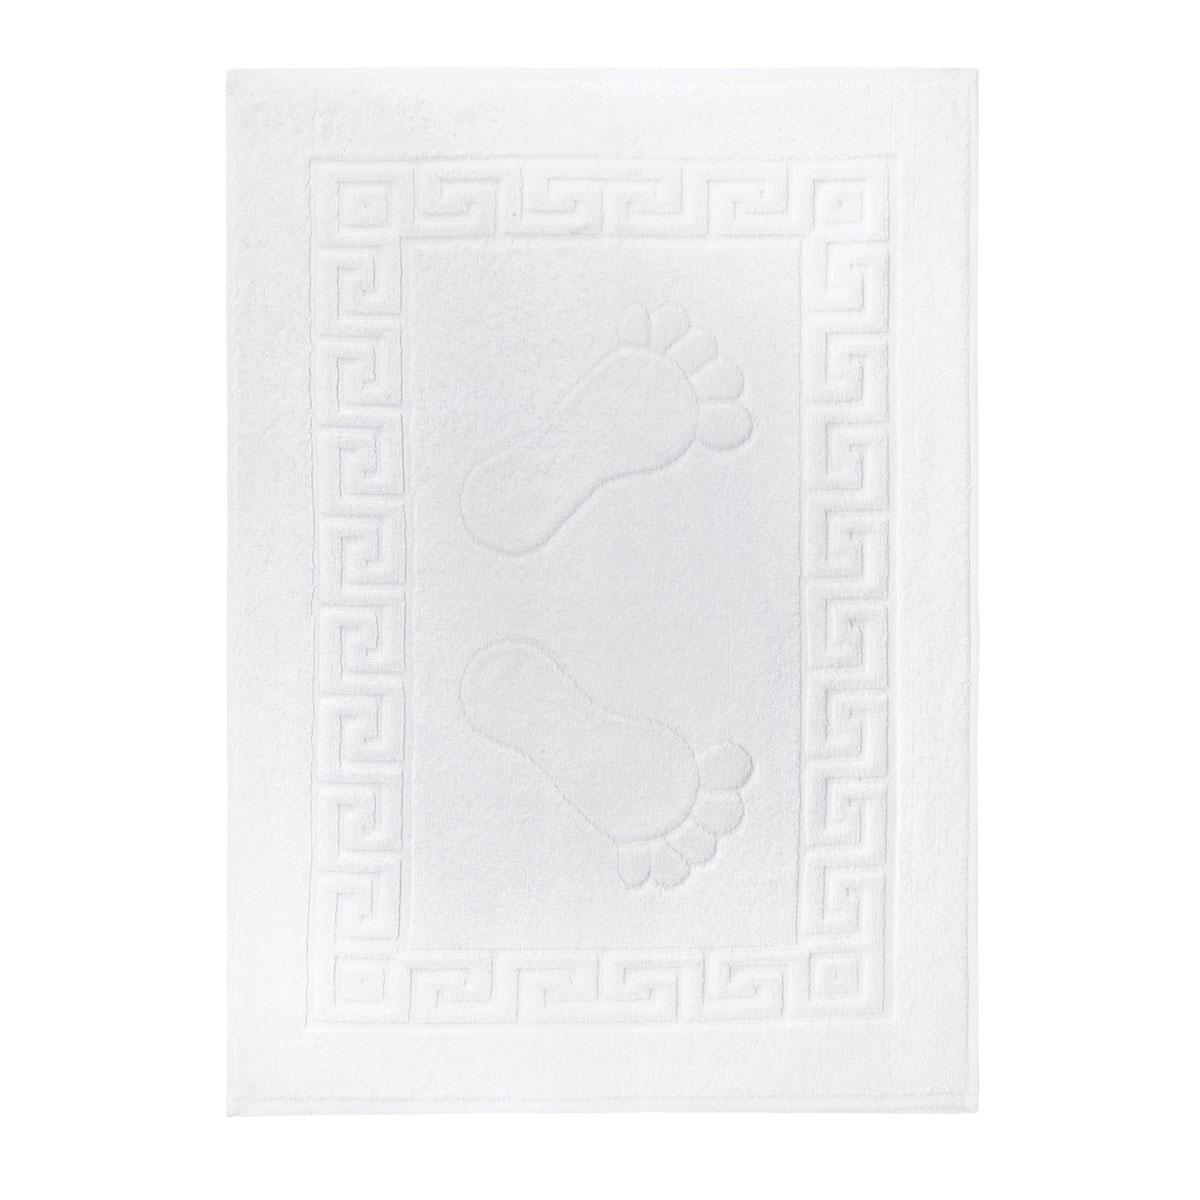 Коврик для ванной Arya home collection Otel, белый